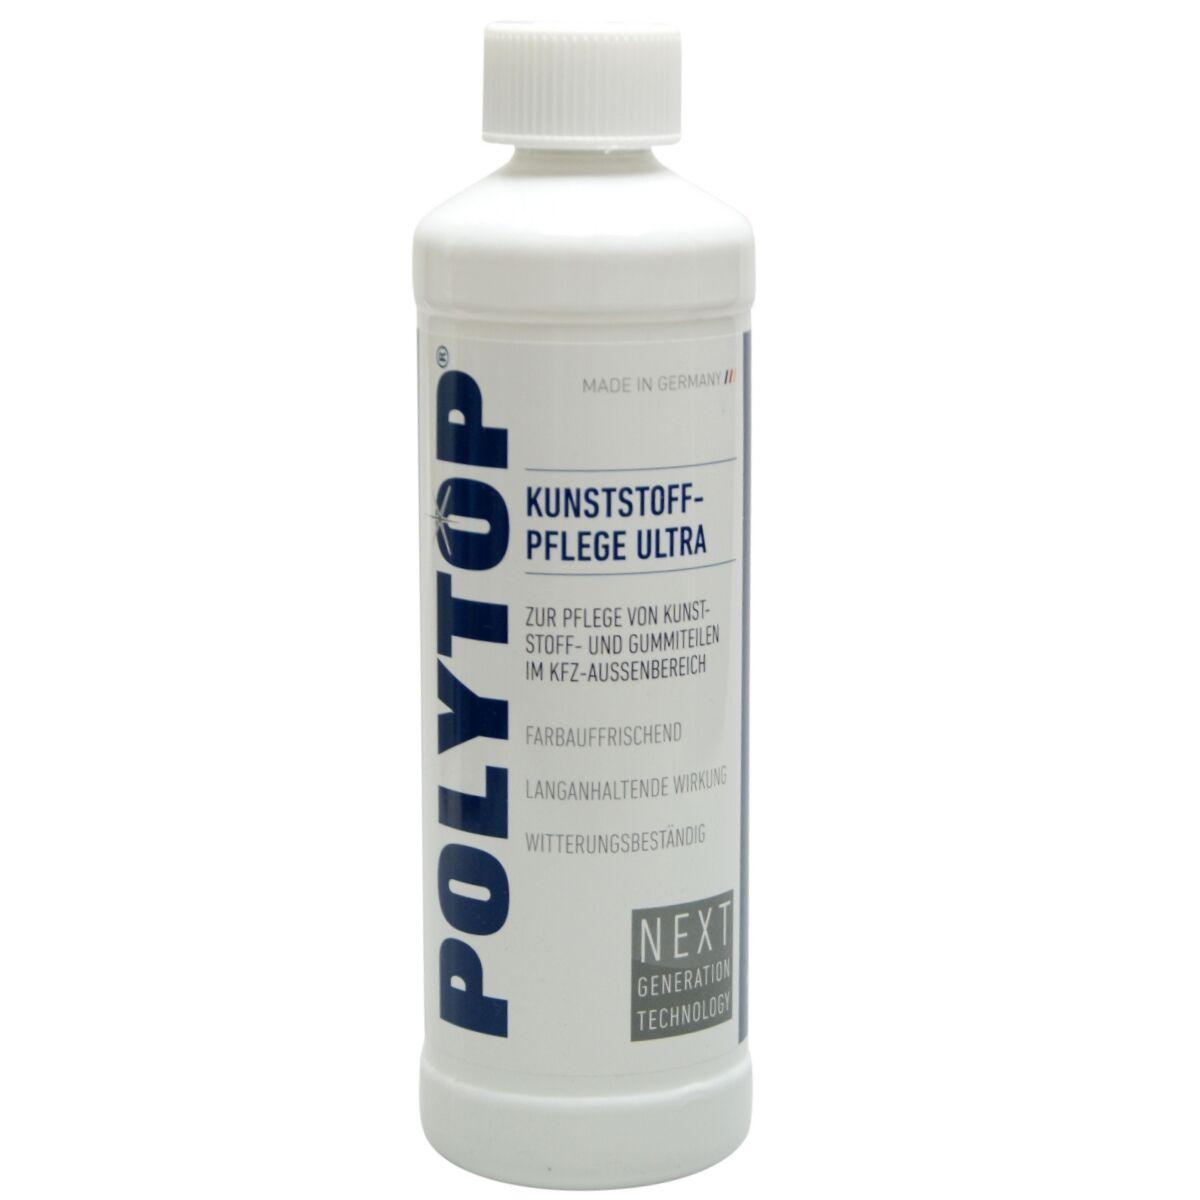 500 Ml Polytop Kunststoffpflege Ultra Gummipflege Im Außenbereich | eBay